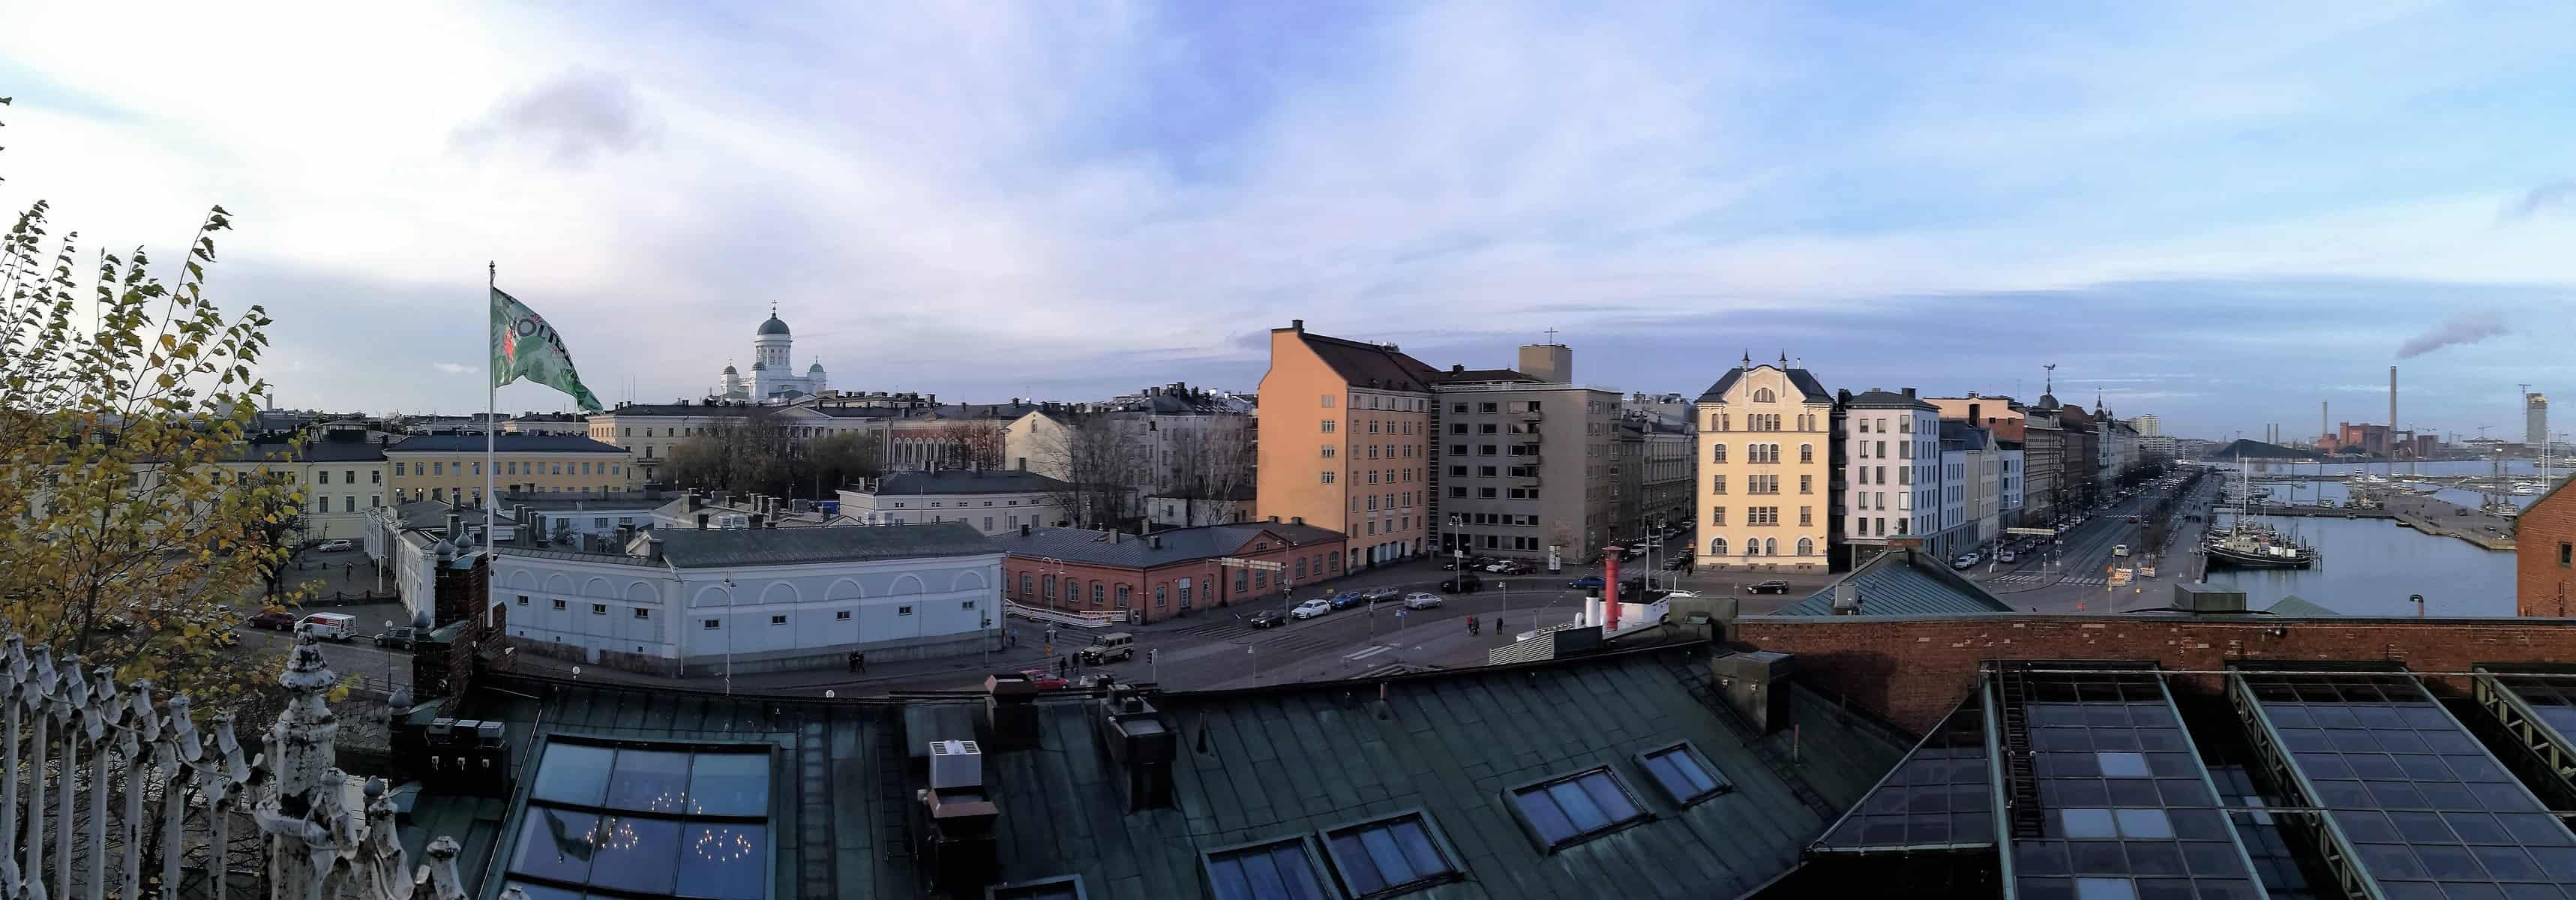 Ein Tag in Helsinki – was ihr nicht verpassen solltet!